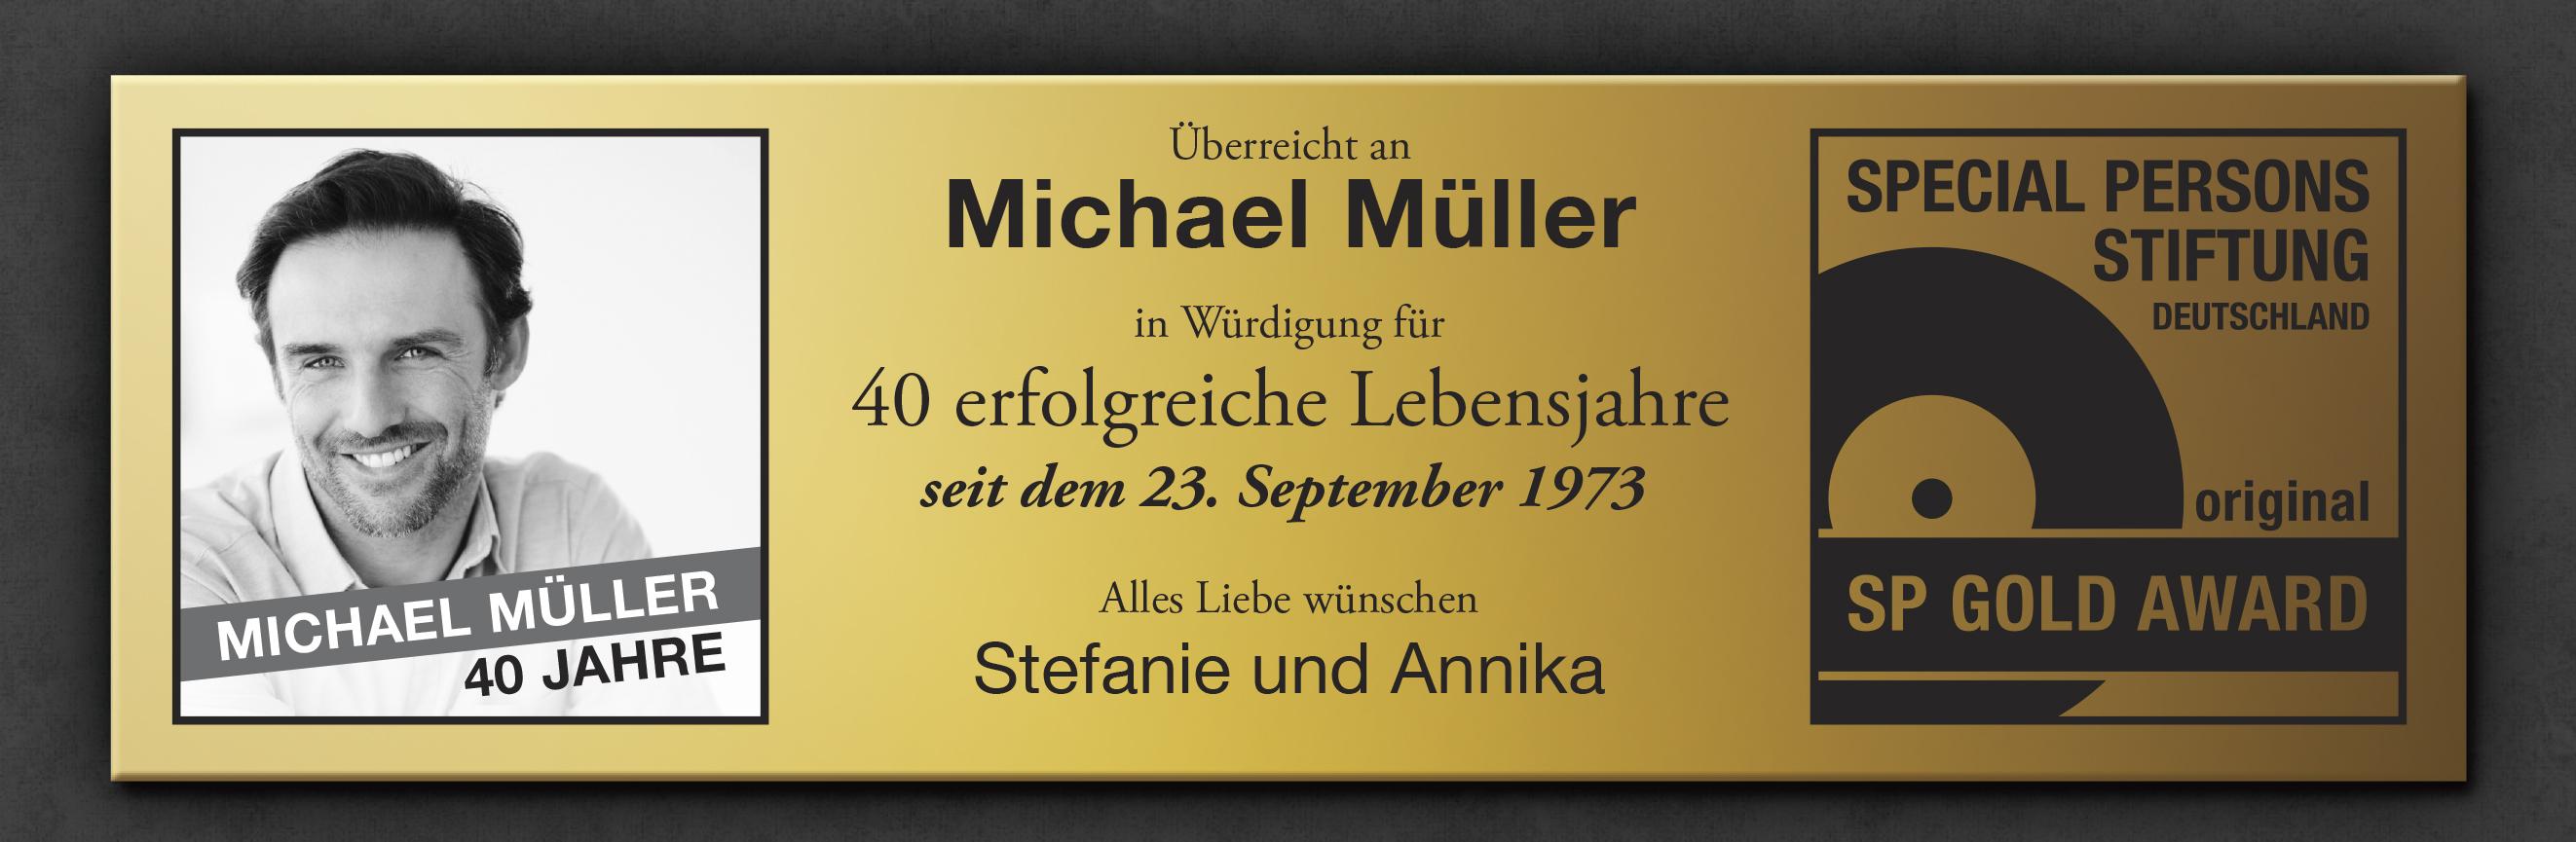 Goldene Schallplatte - personalisiertes Bild - 4